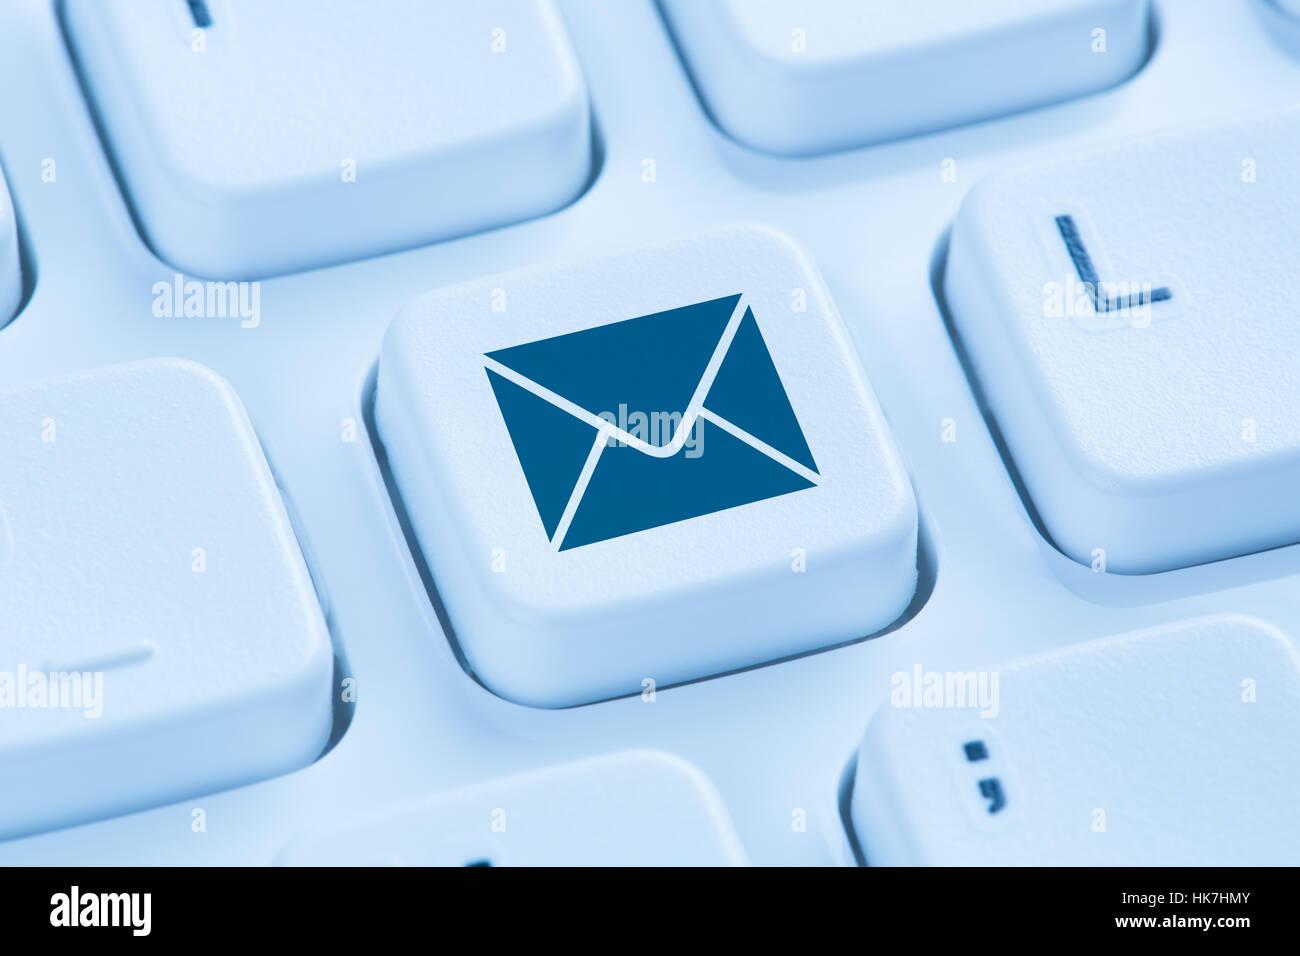 Invio di messaggi di posta elettronica posta elettronica internet lettera blu simbolo della tastiera del computer Immagini Stock